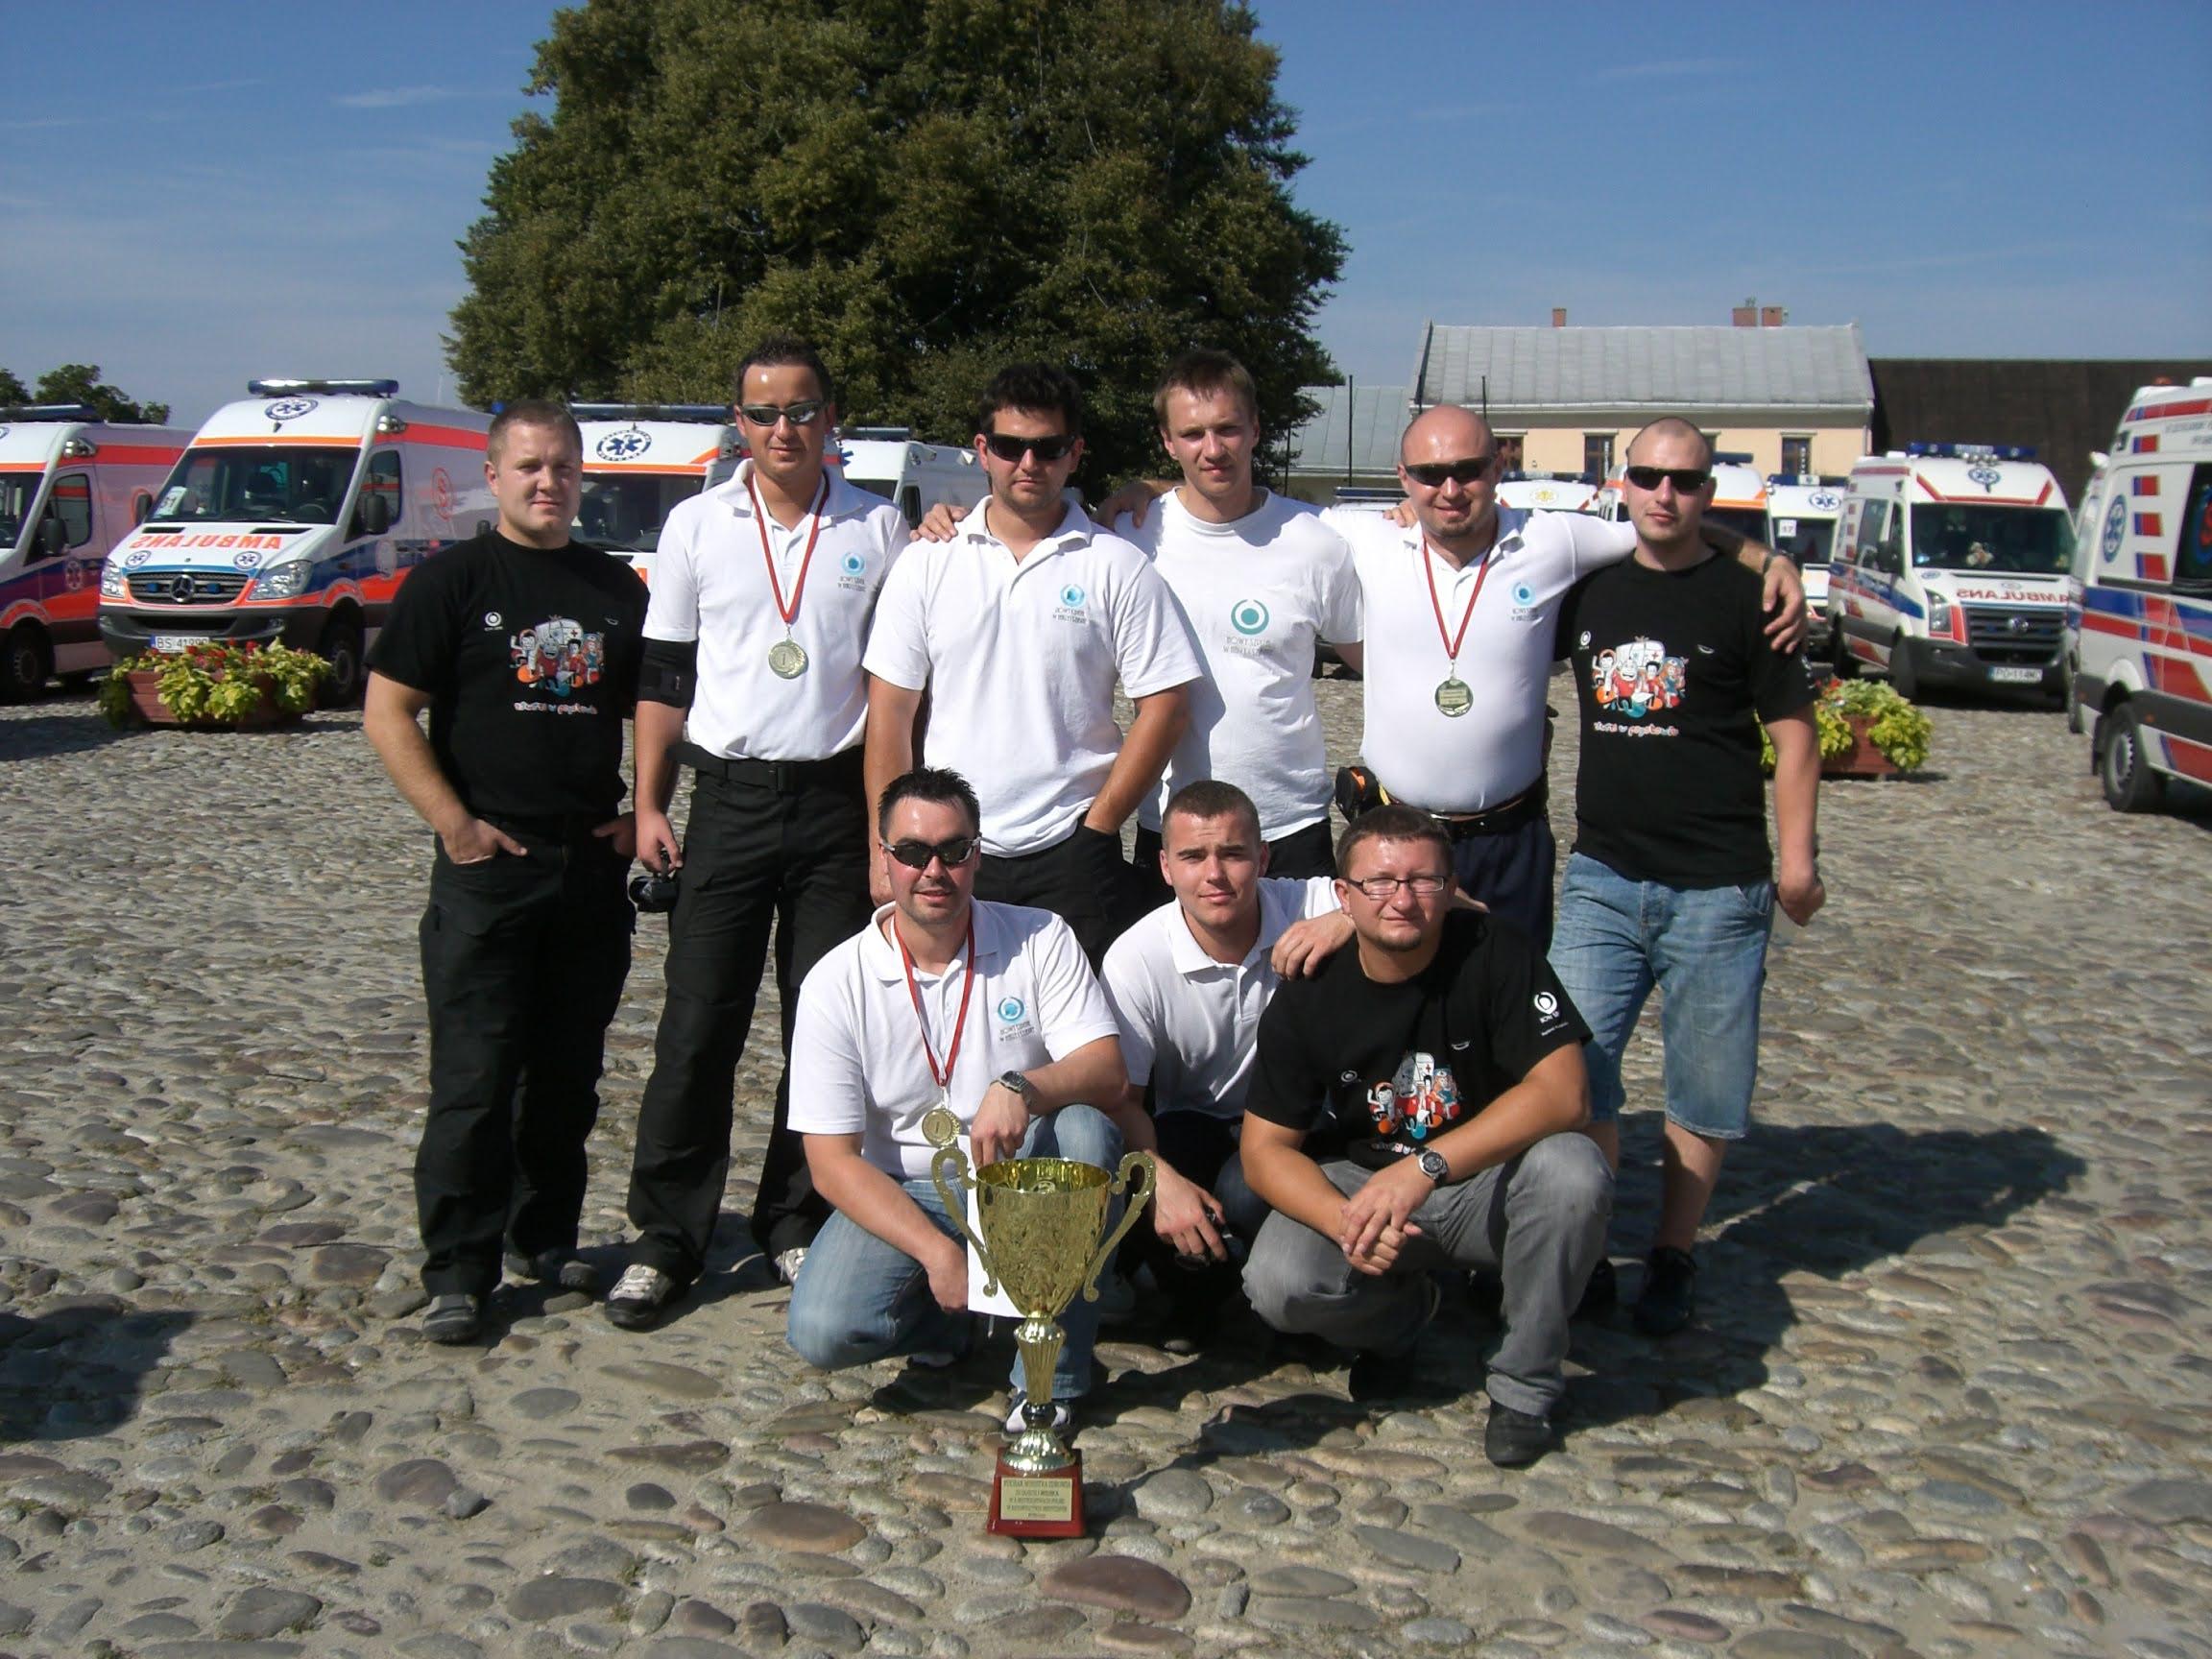 • Udział w Międzynarodowych Mistrzostwach Warmii i Mazur w Ratownictwie Medycznym Olsztyn 2011 zdobycie 1 miejsca